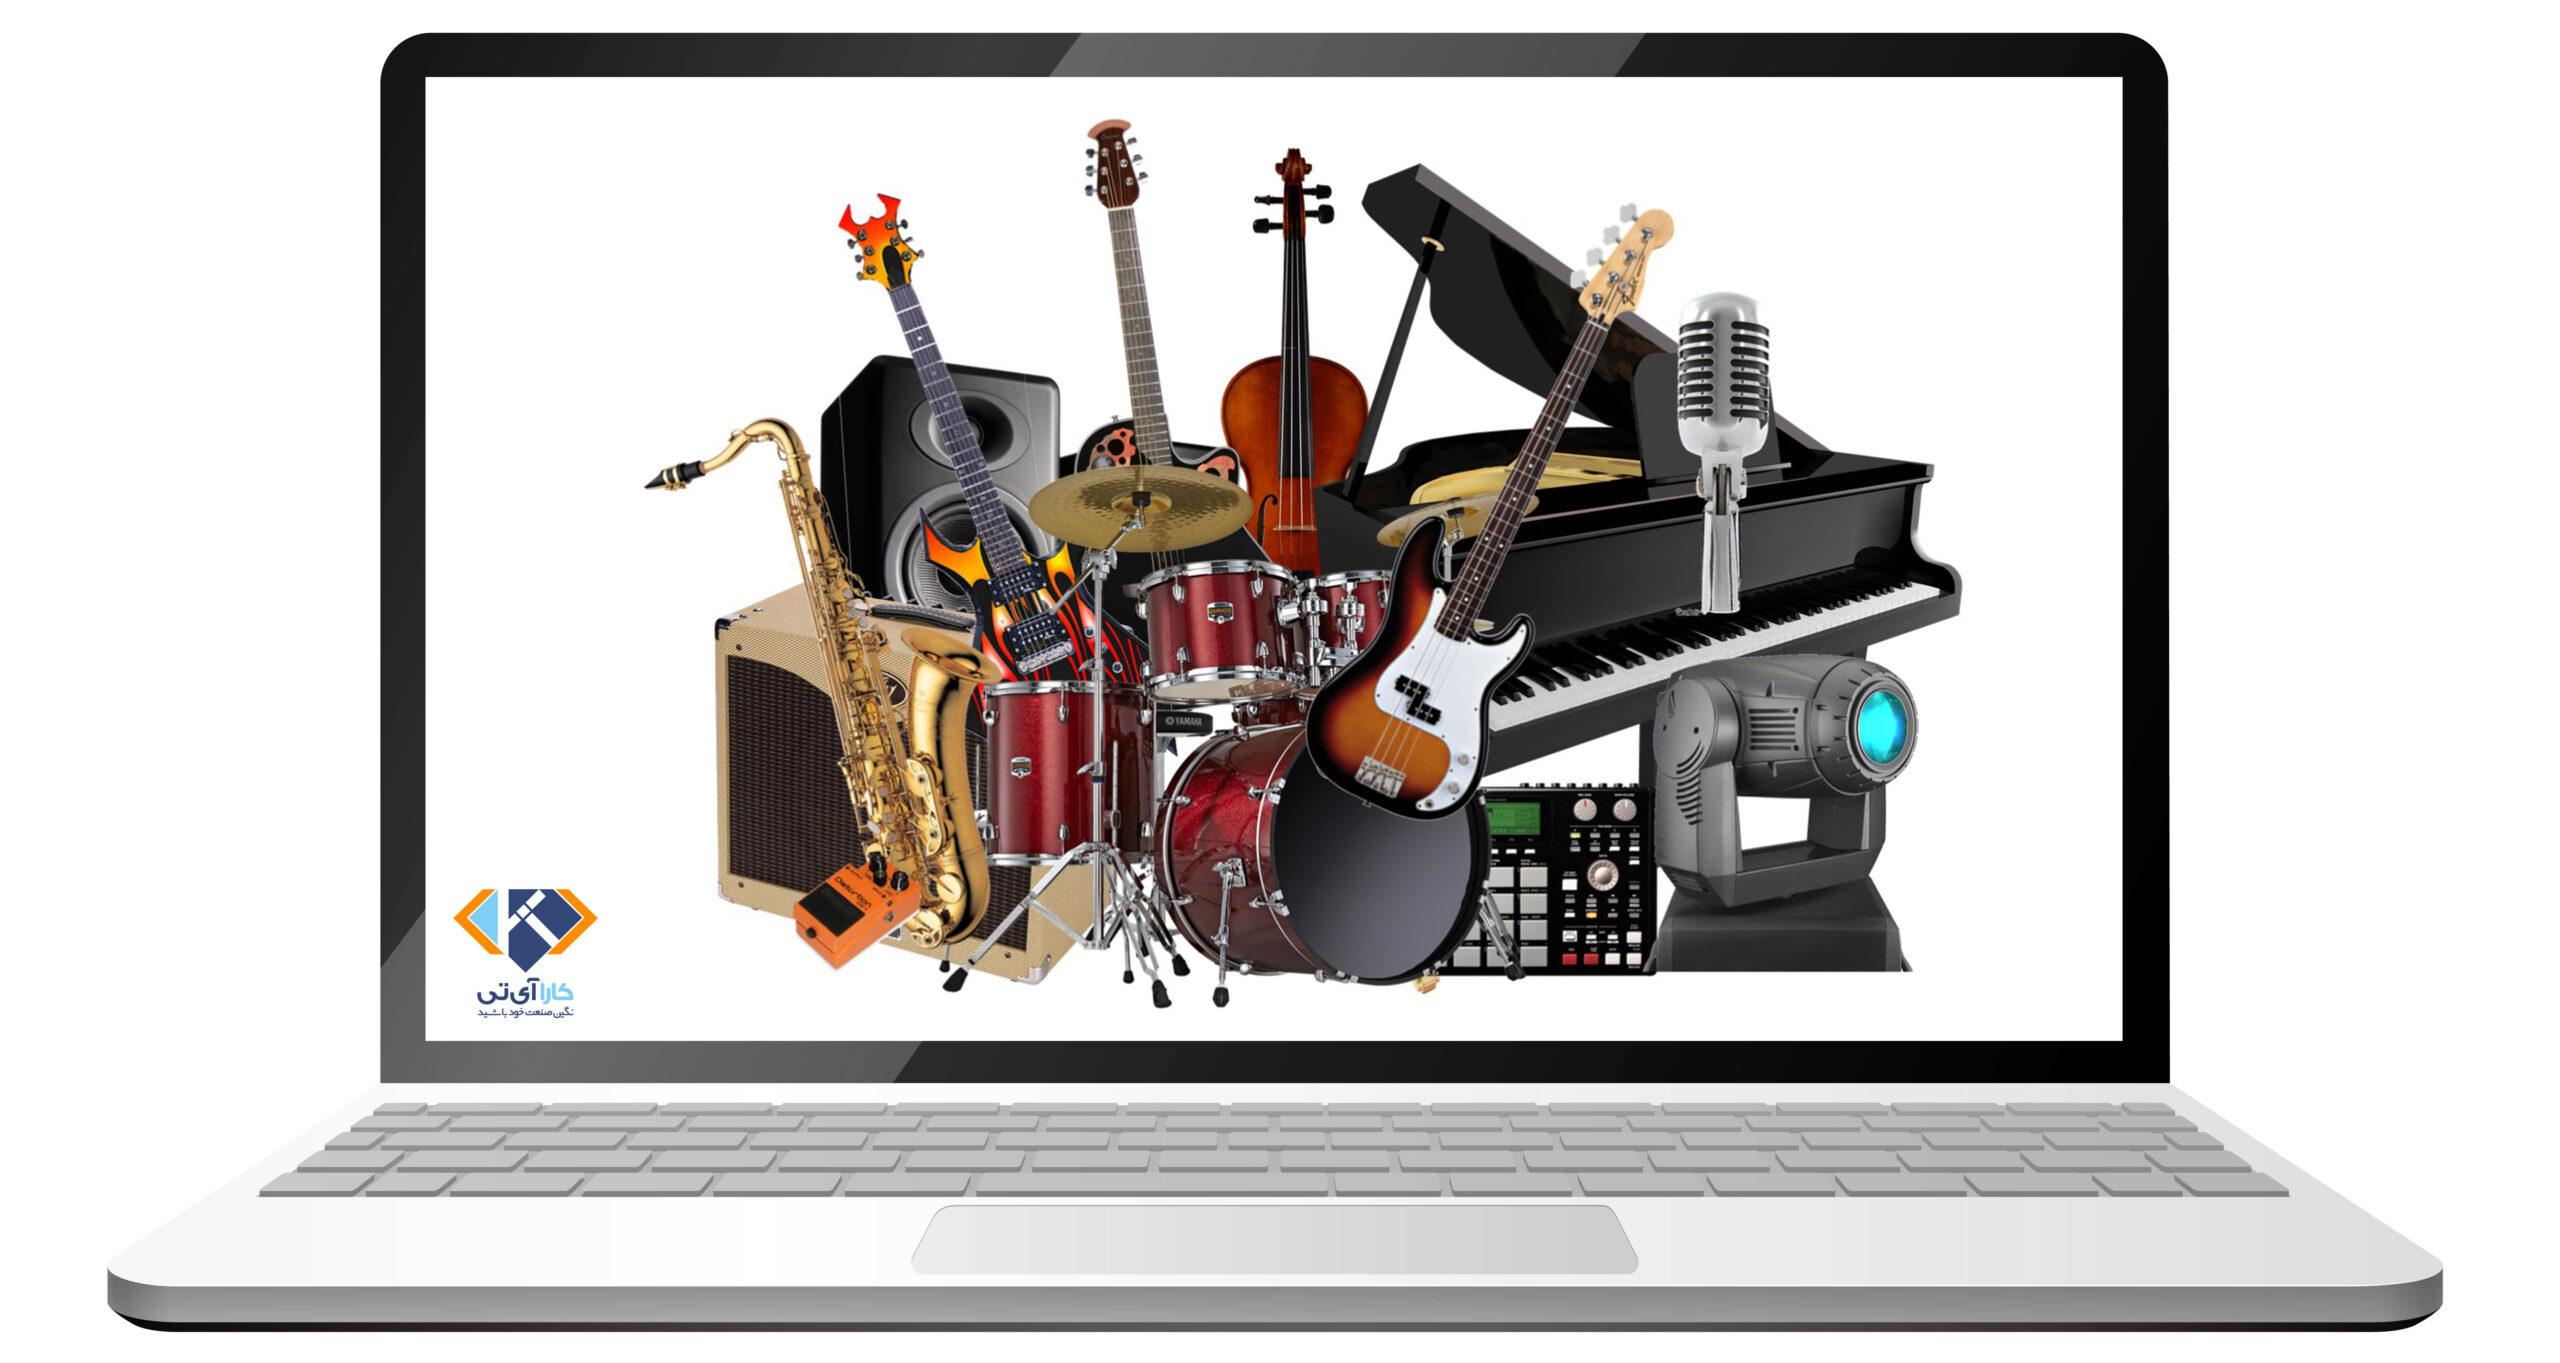 طراحی سایت فروشگاه لوازم موسیقی